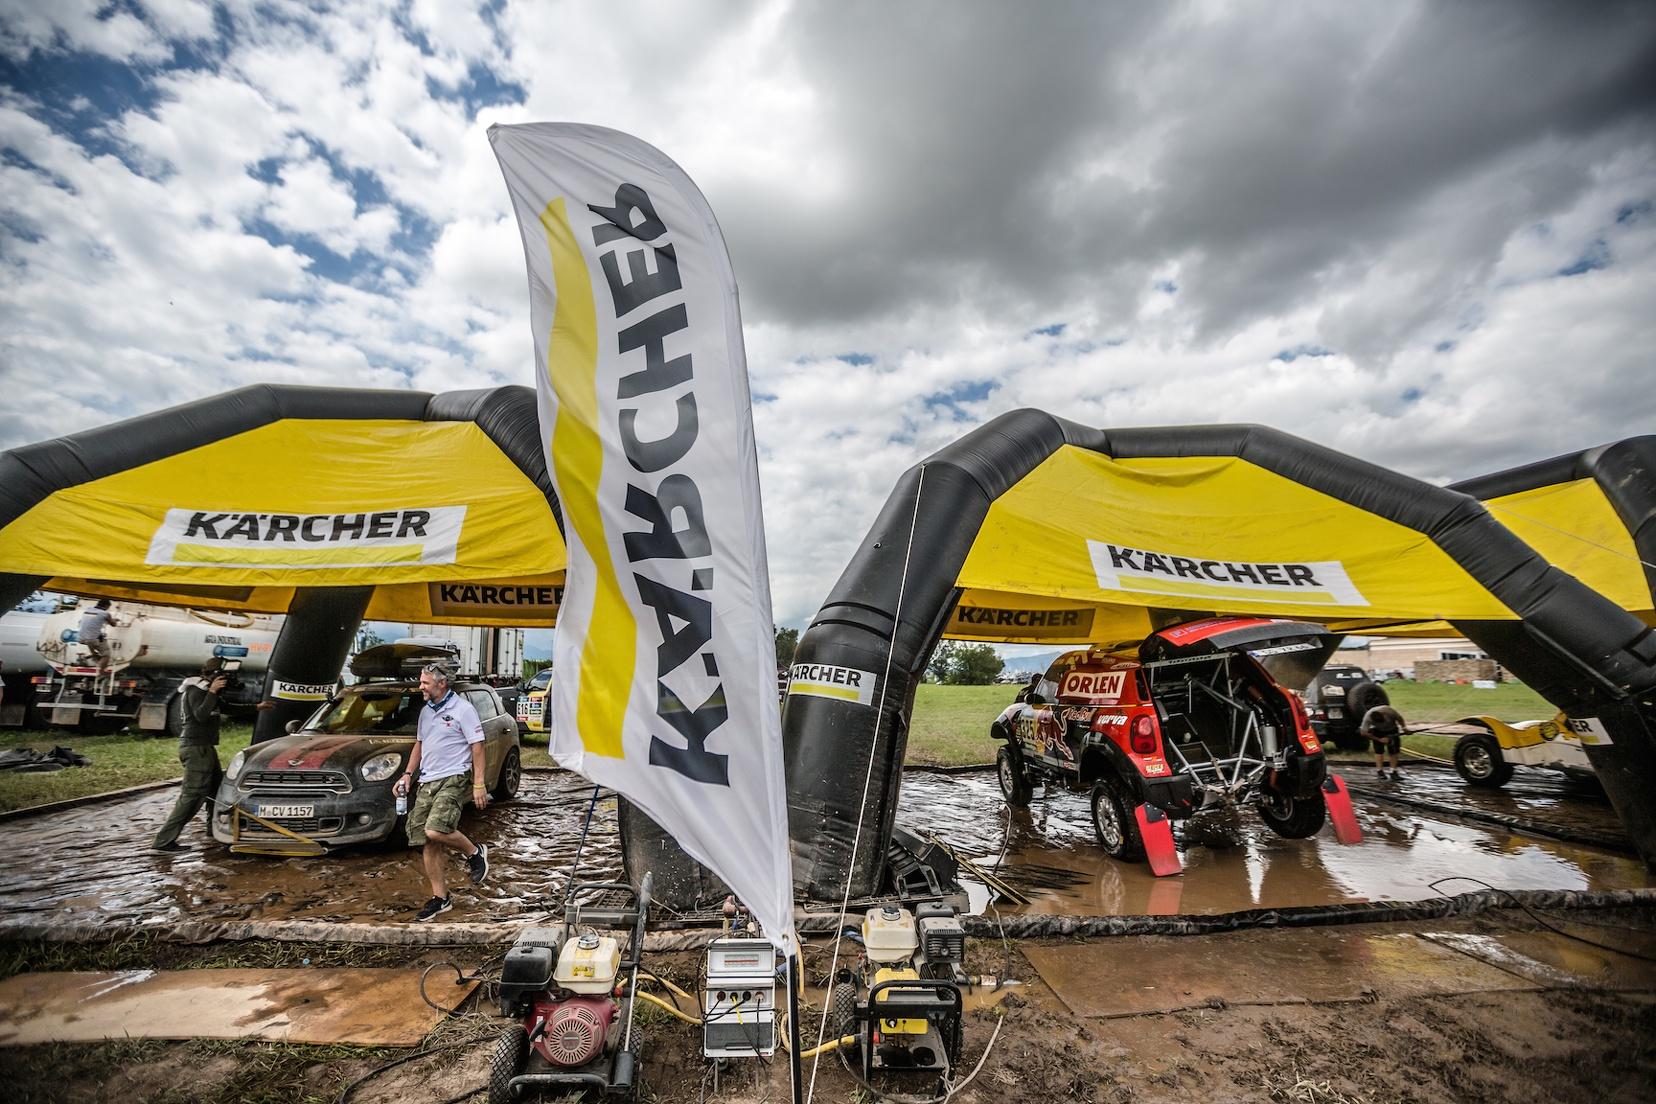 Kärcher Rallye Dakar Reinigungsstation 1